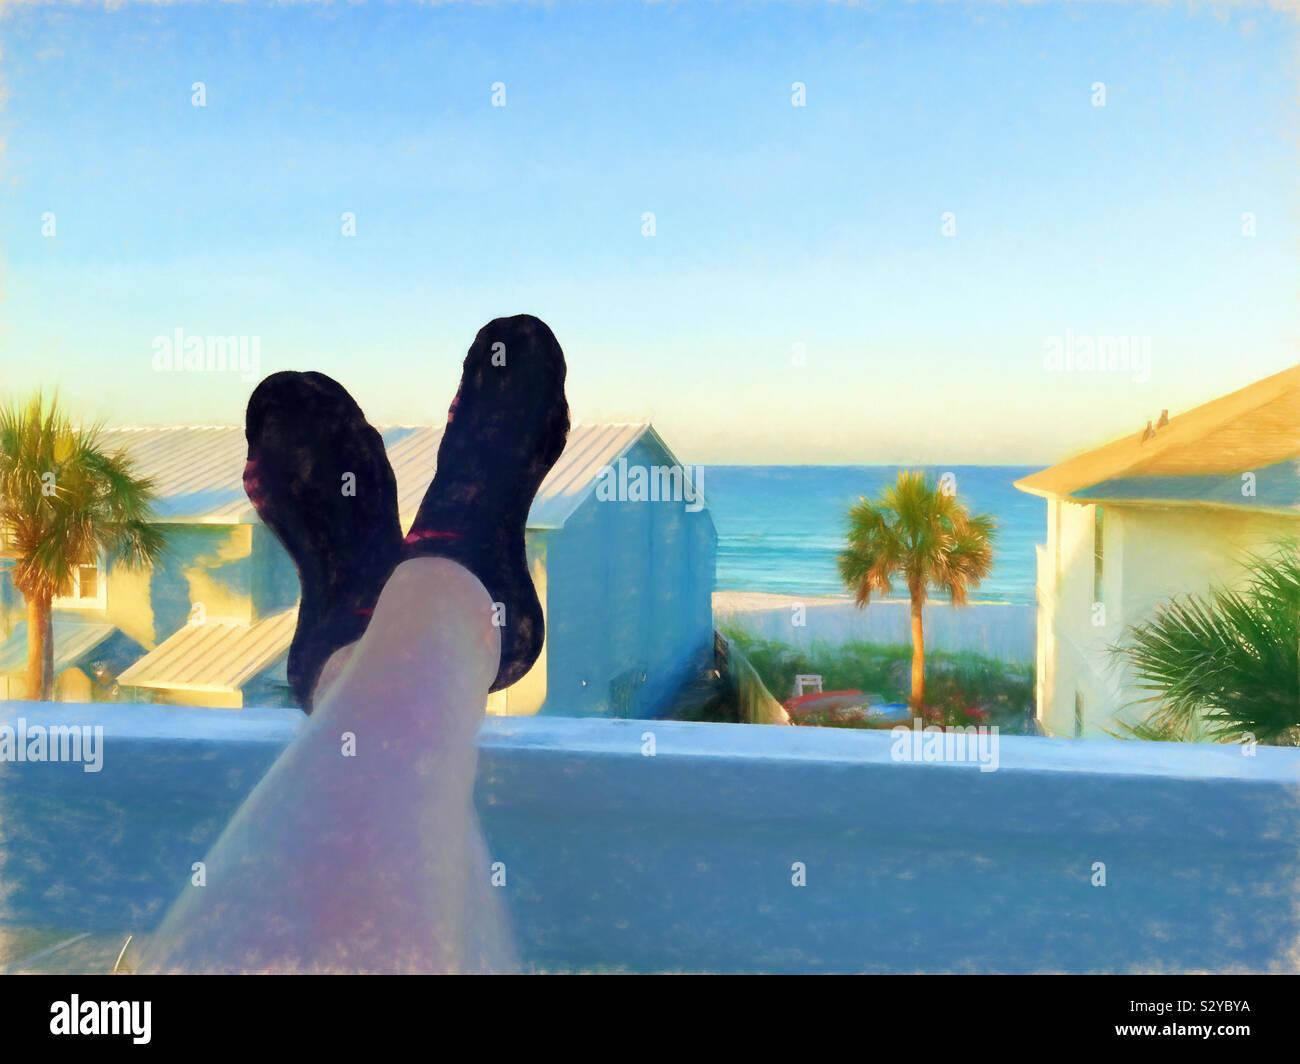 Una vista panoramica dell'oceano da una seconda fila condominiums balcone. Una donna ha i suoi piedi puntellato sul portico ringhiera. Questa immagine ha una texture pittorica di effetto. Foto Stock